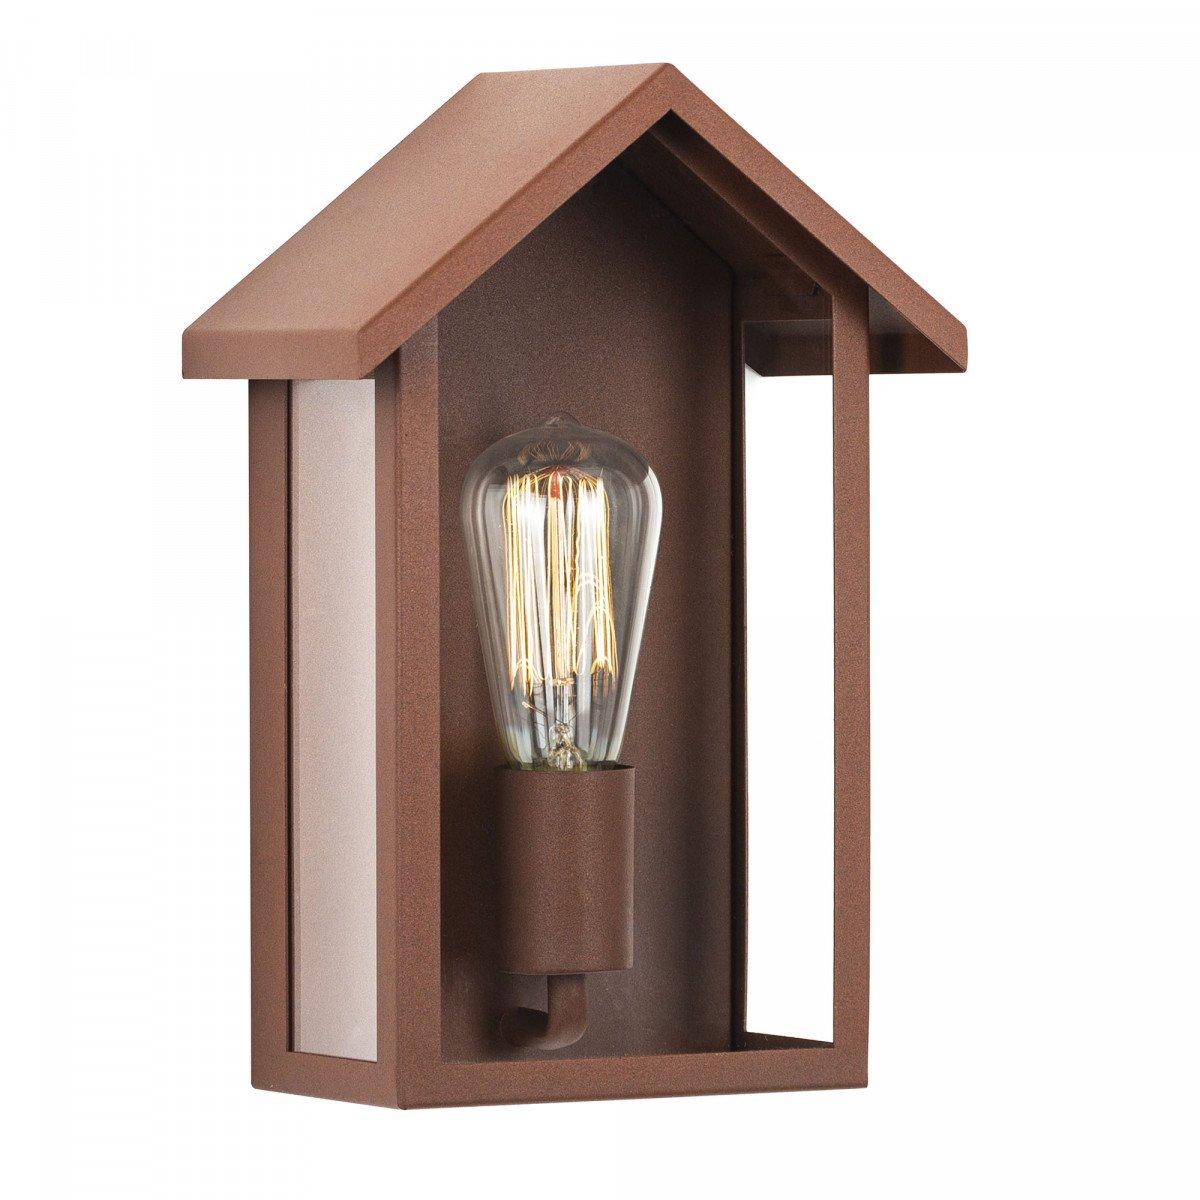 Design verlichting voor buiten aan de wand, bevestiging vlak aan de muur, lichtbron is zichtbaar, huis model, home design verlichting